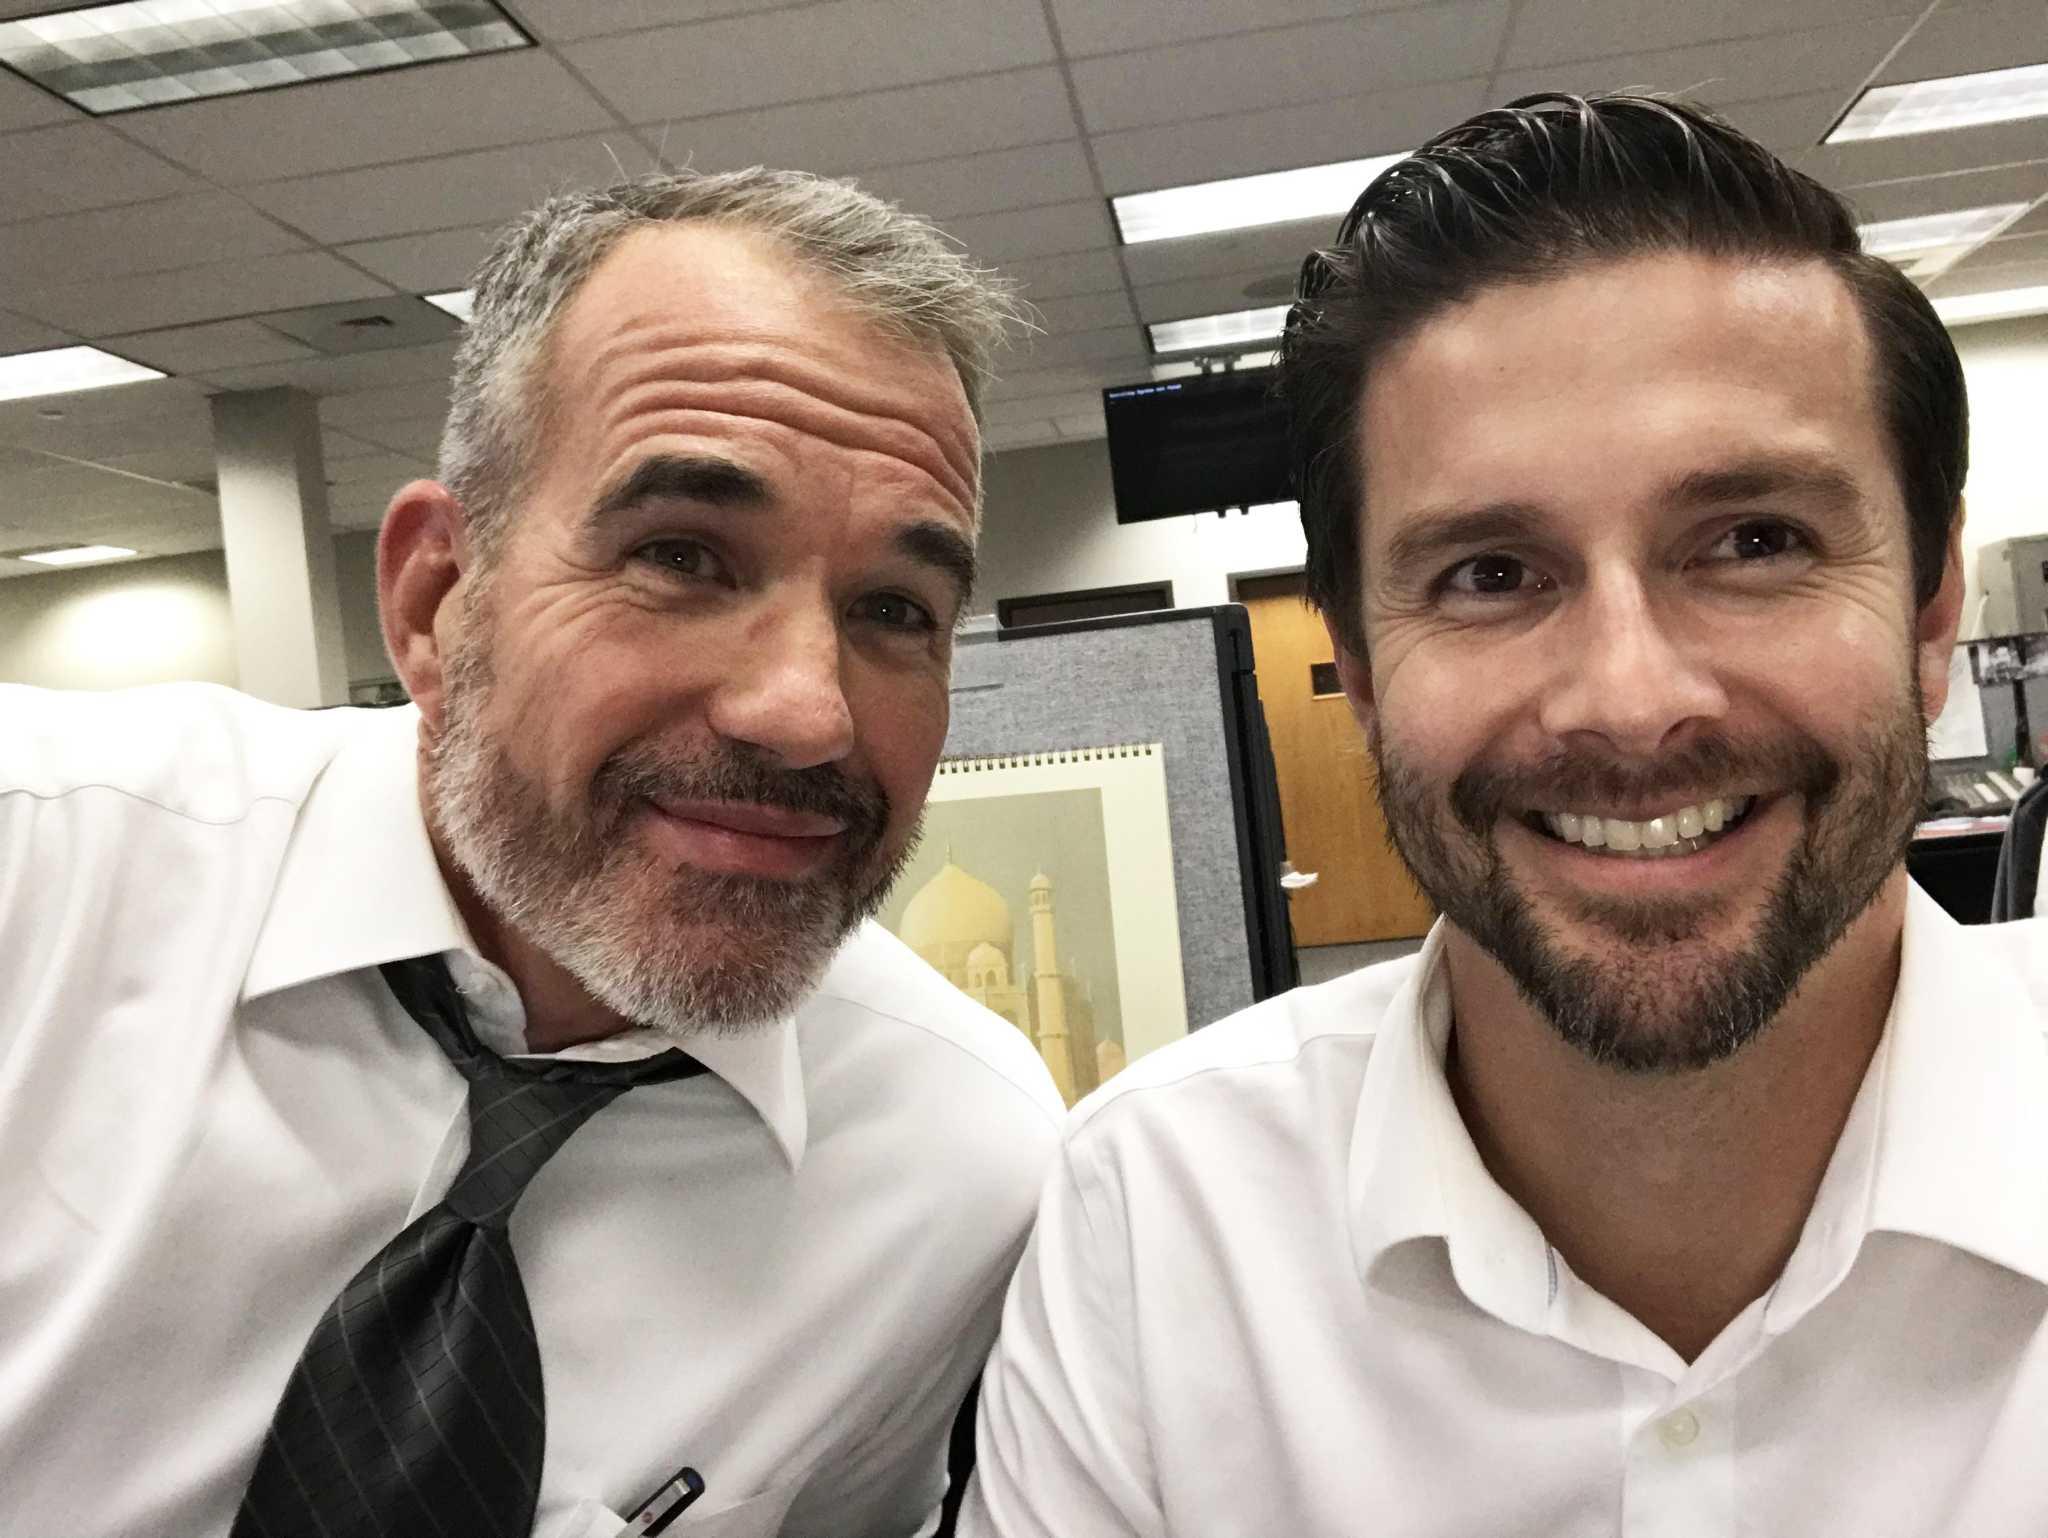 Gay tv anchors